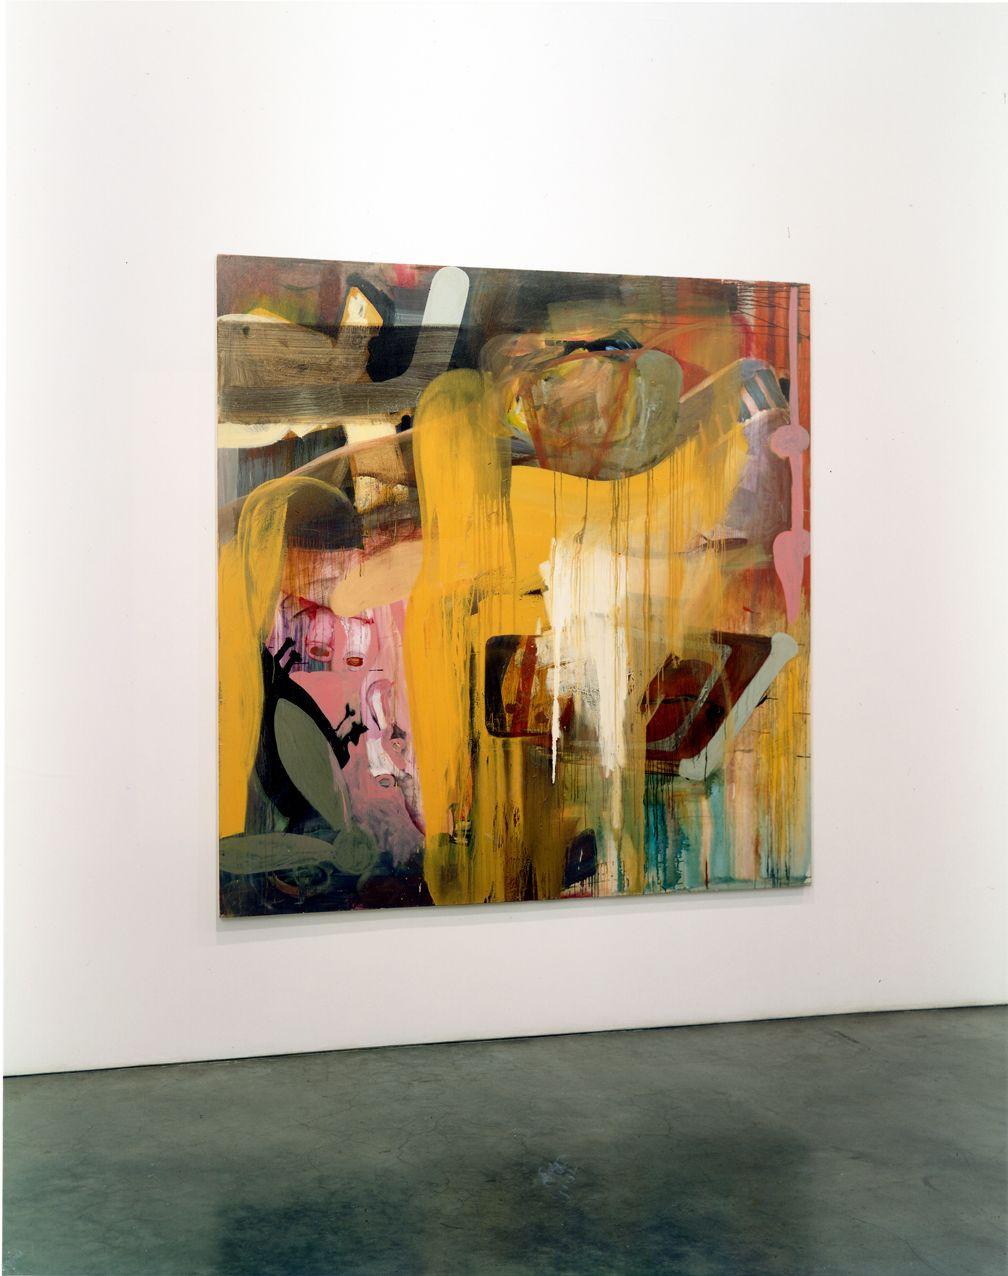 George Condo, Albert Oehlen, Christopher Wool, Installation view